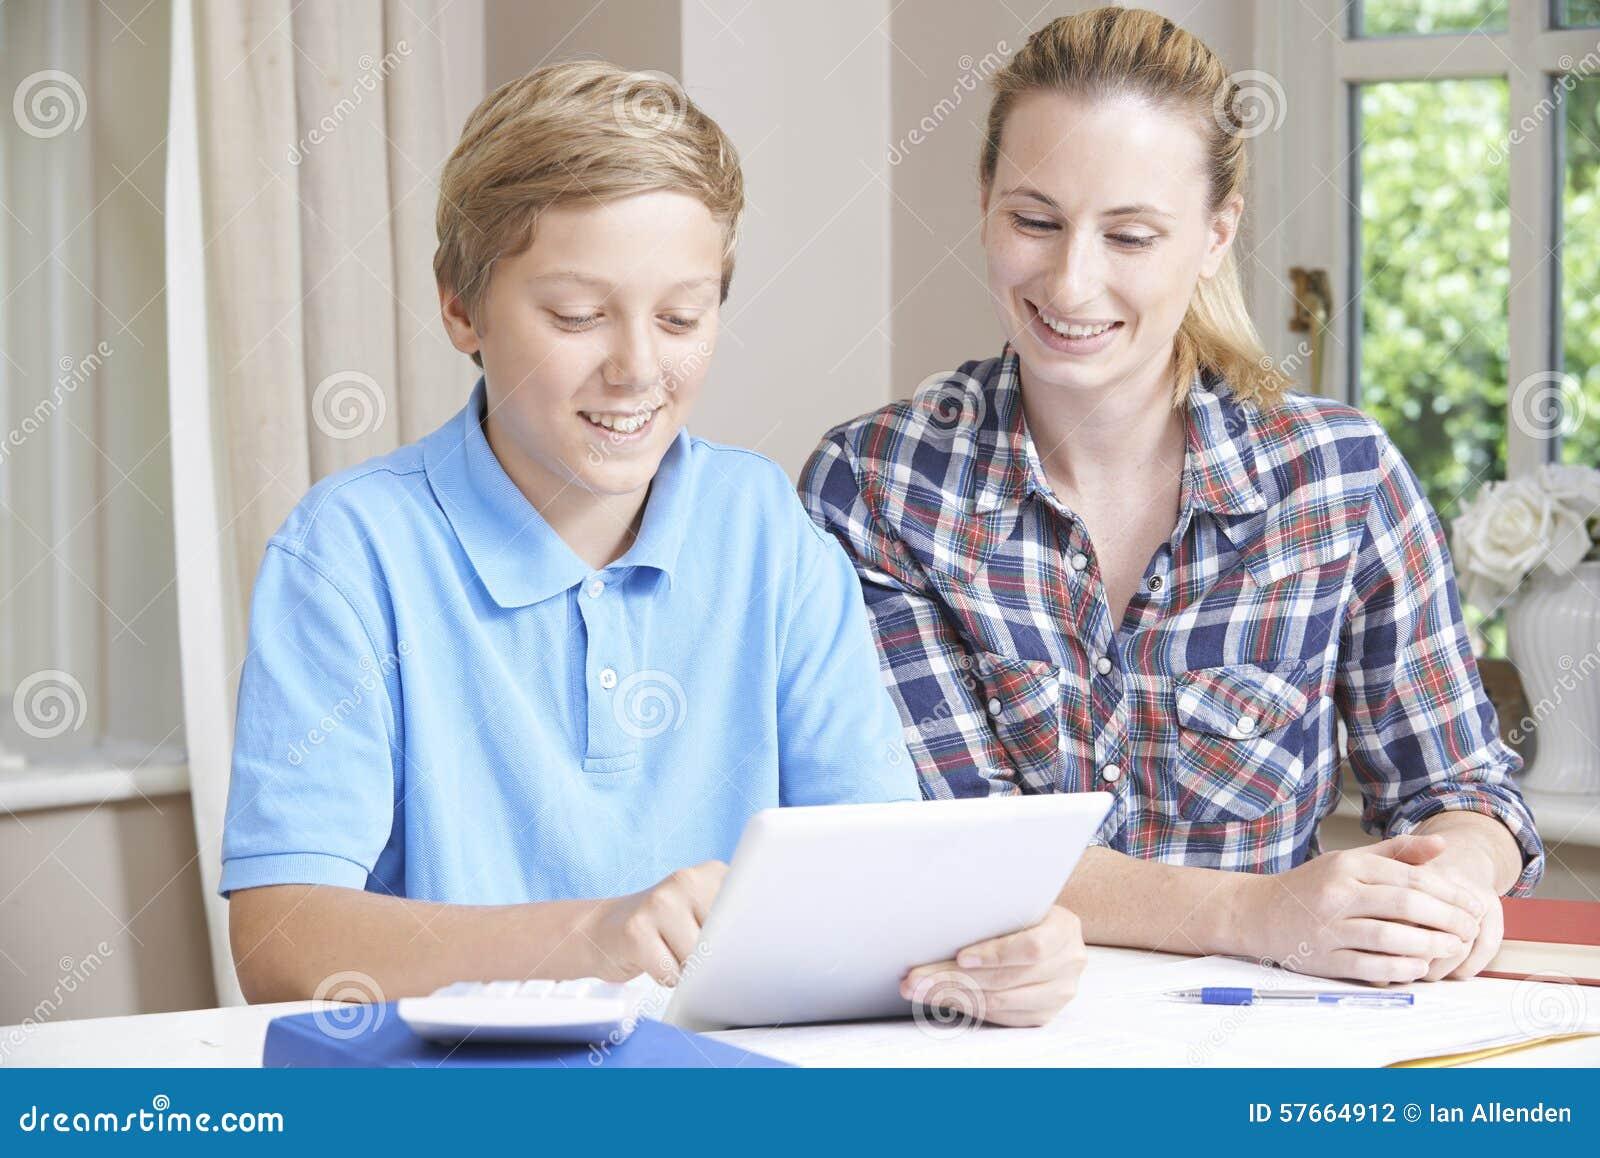 De vrouwelijke Studies die van Helping Boy With van de Huisprivé-leraar Digitale Tablet gebruiken